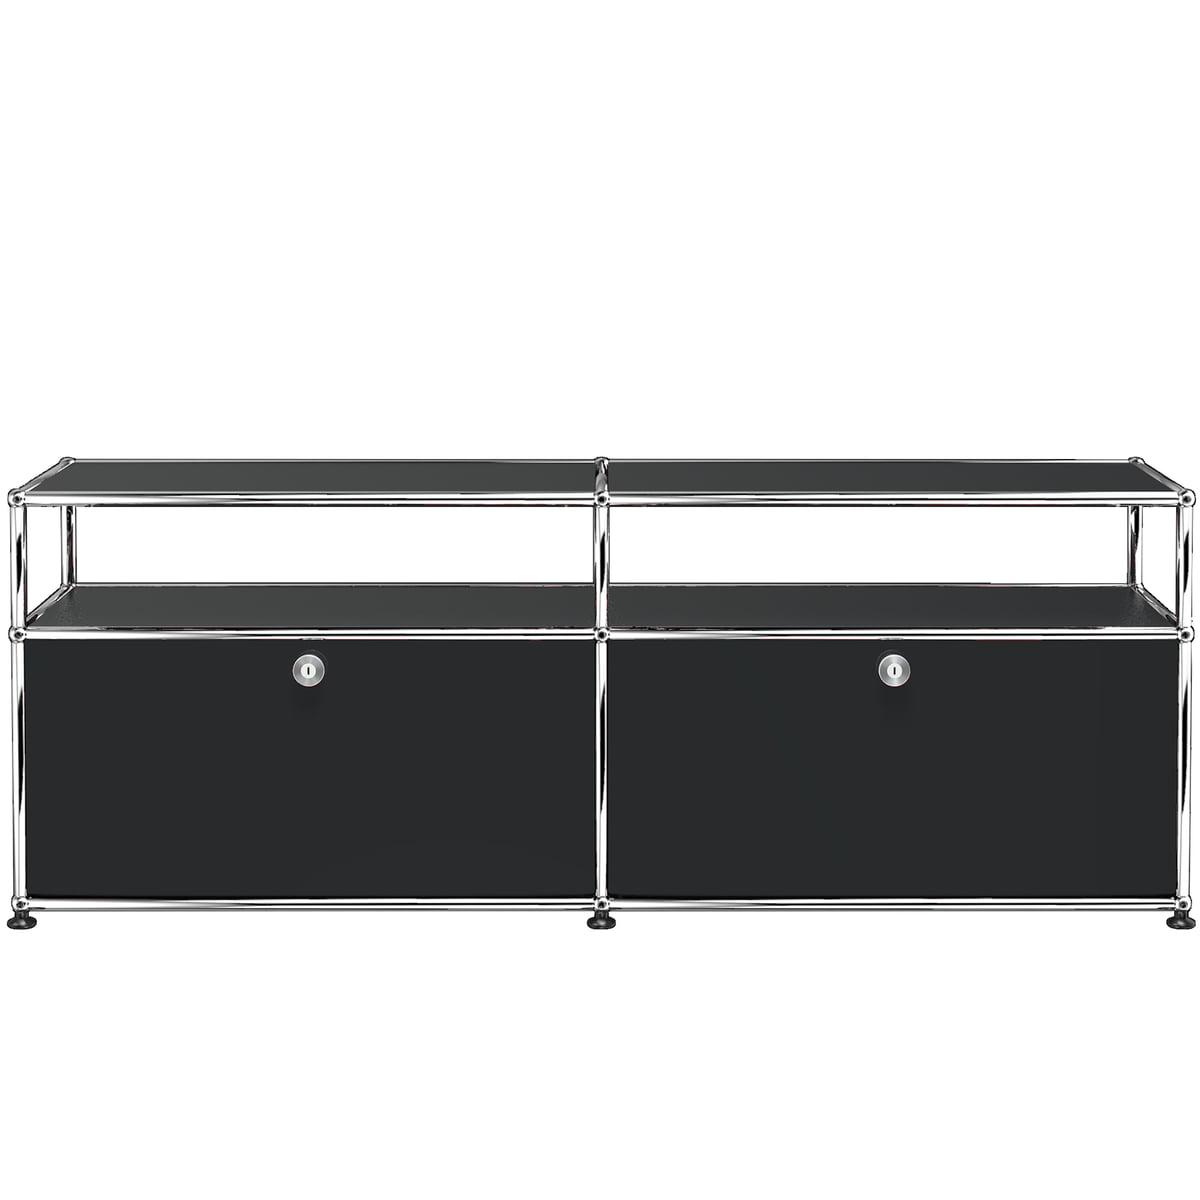 USM Haller - TV-/Hi-Fi Lowboard M zwei Klapptüren und Ablagefläche, graphitschwarz (RAL 9011) | Wohnzimmer > TV-HiFi-Möbel | Schwarz | USM